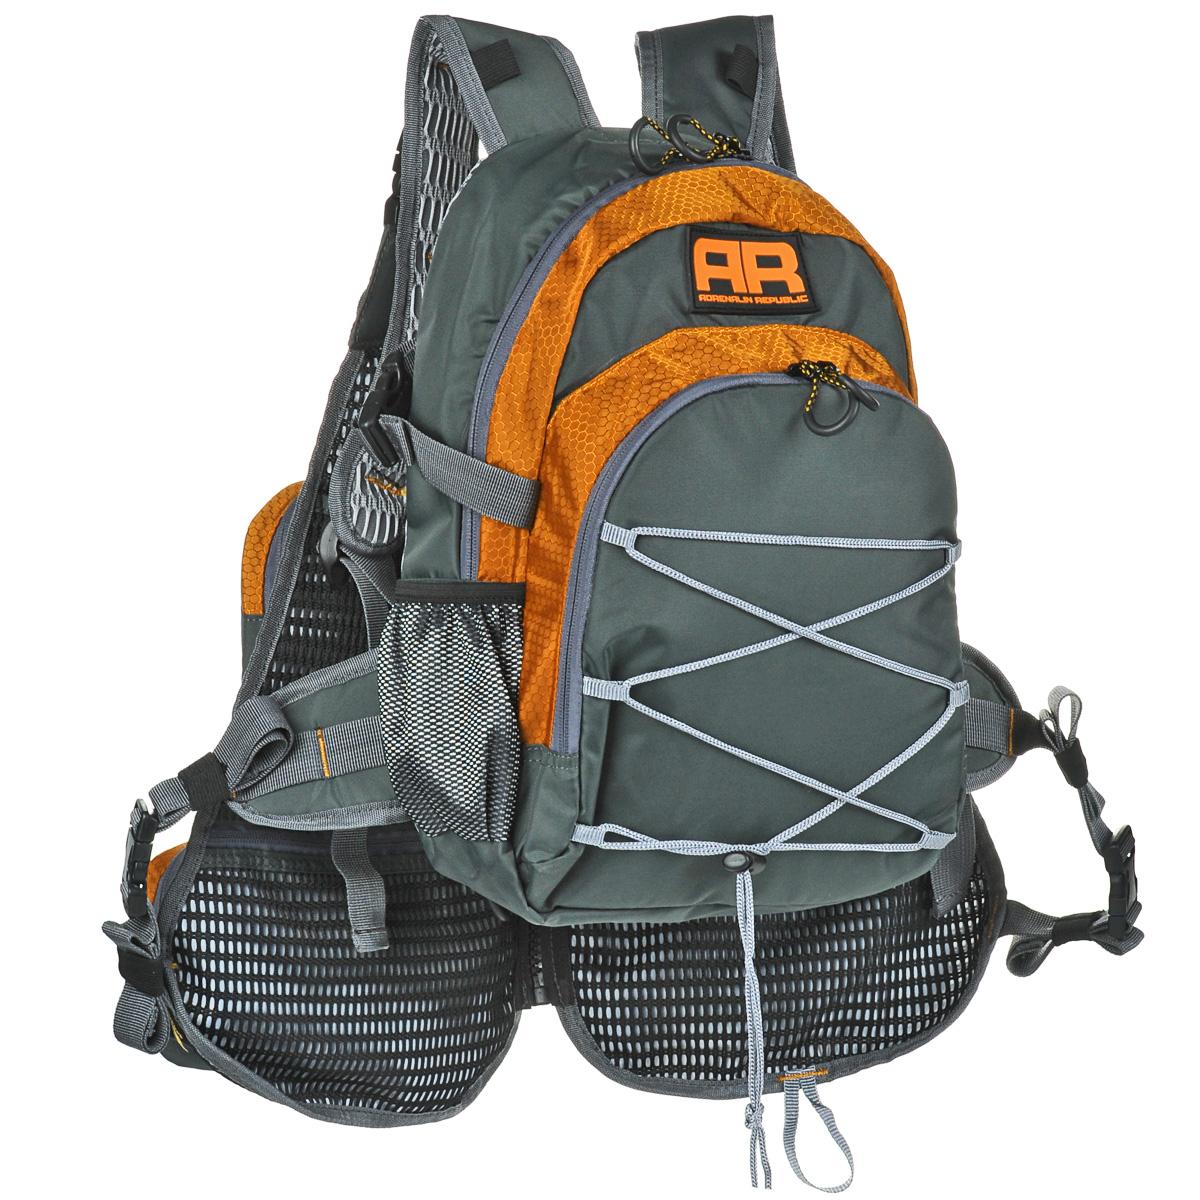 Рюкзак Adrenalin Republic Backpack Twin, с передним обвесом, цвет: оранжевый, серый, 15 л + 10 л стол adrenalin republic double top раскладной